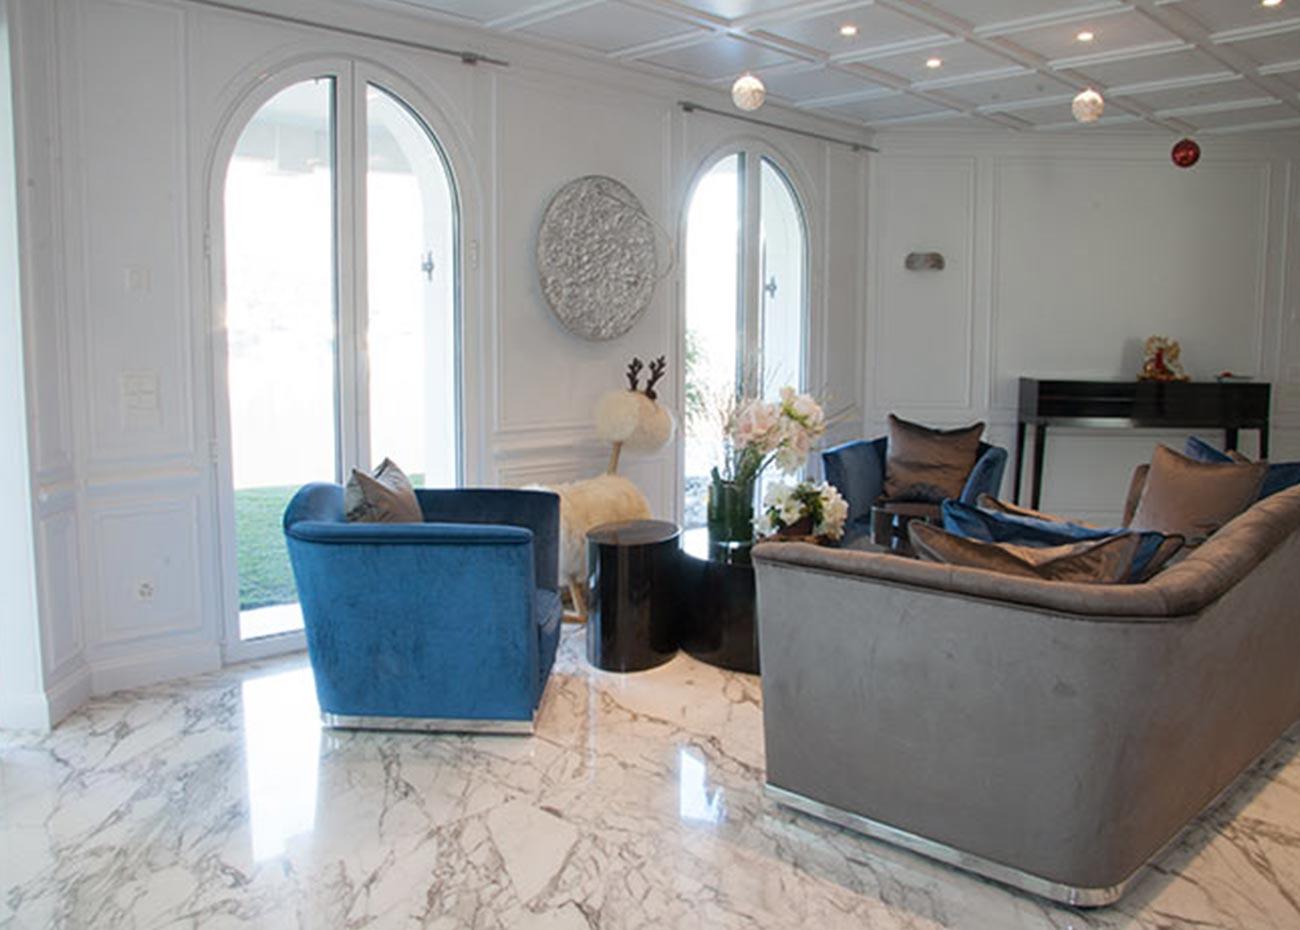 pavimento-salotto-in-marmo-bianco-arabescato